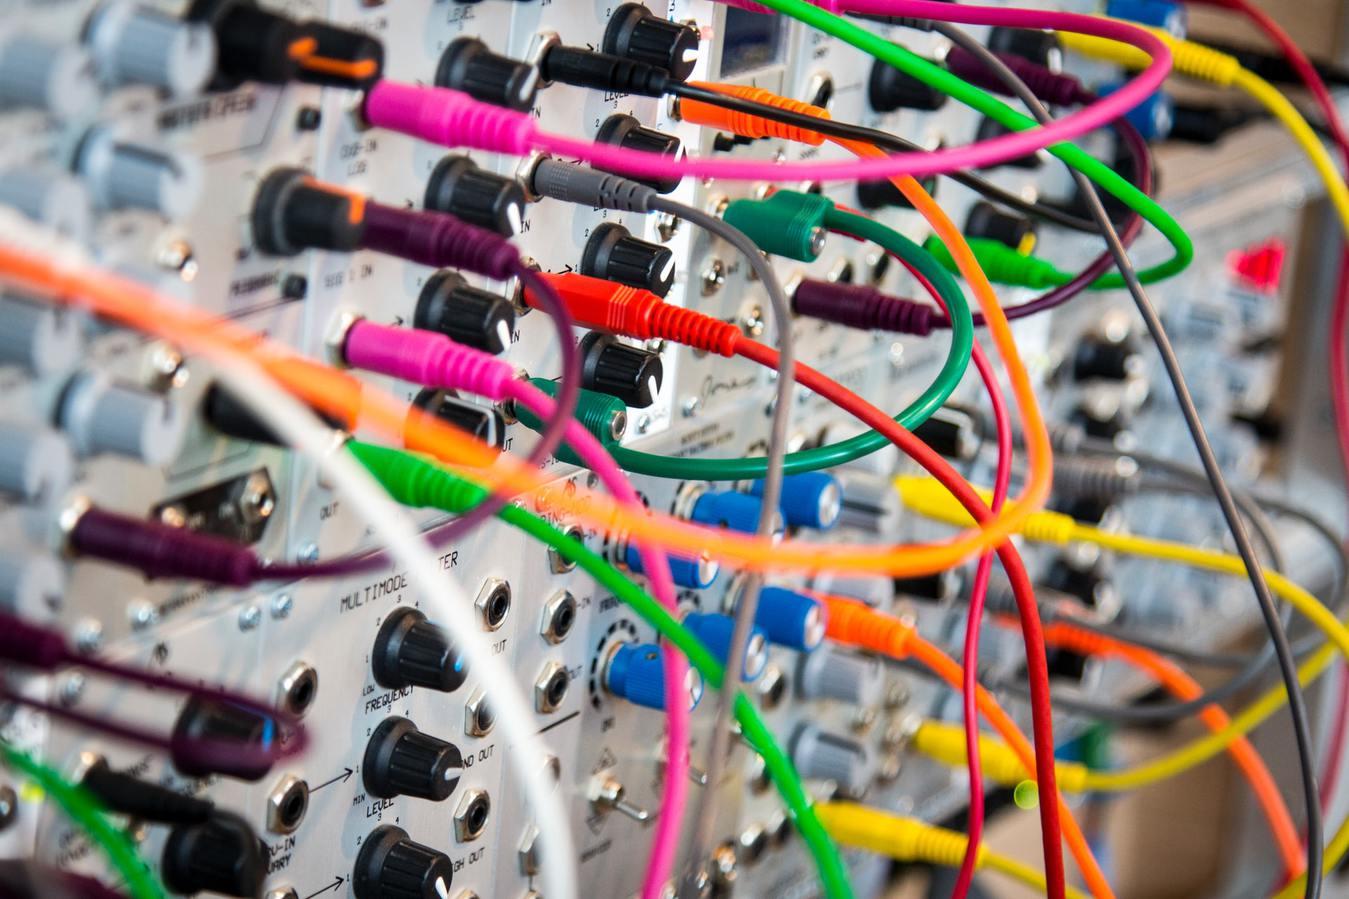 Dozzine di fili colorati connessi